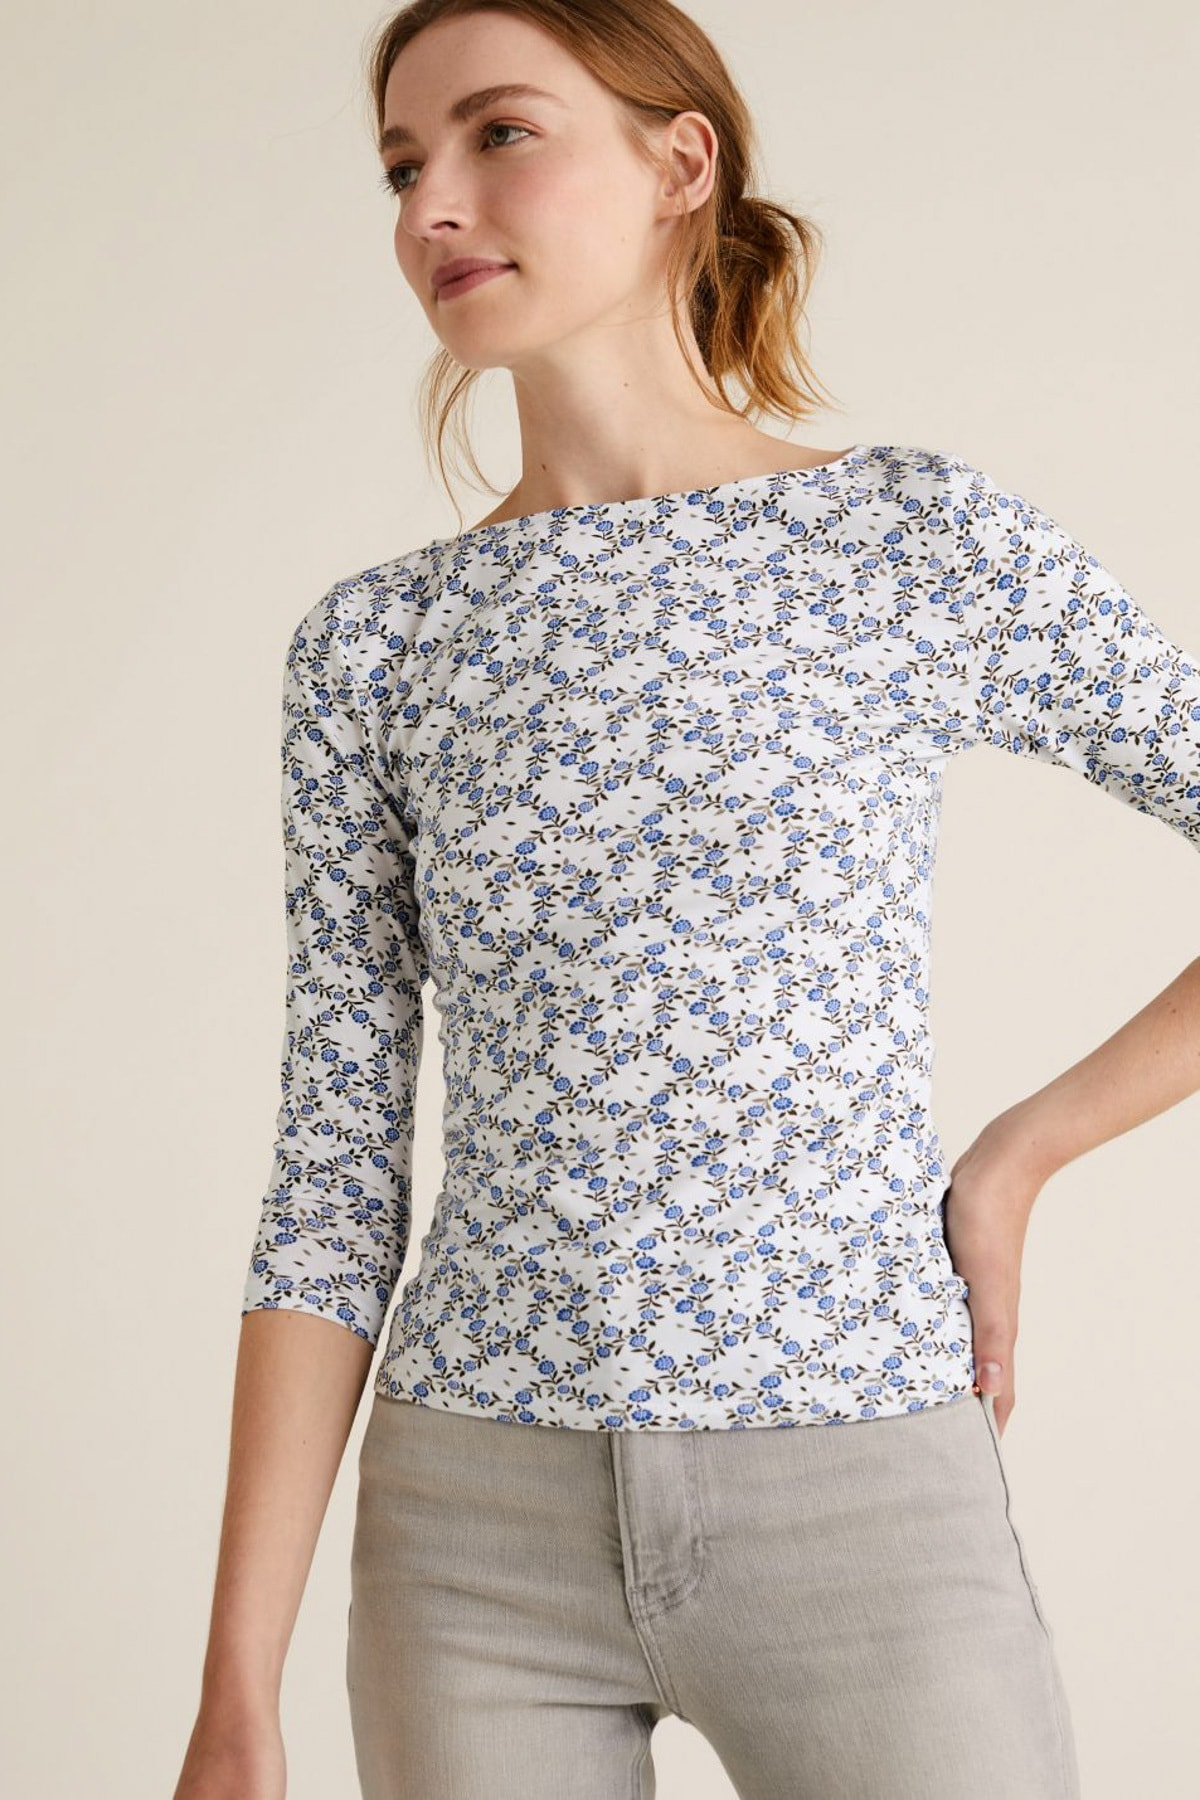 Marks & Spencer Kadın Bej Desenli Kayık Yaka T-Shirt T41004200 1